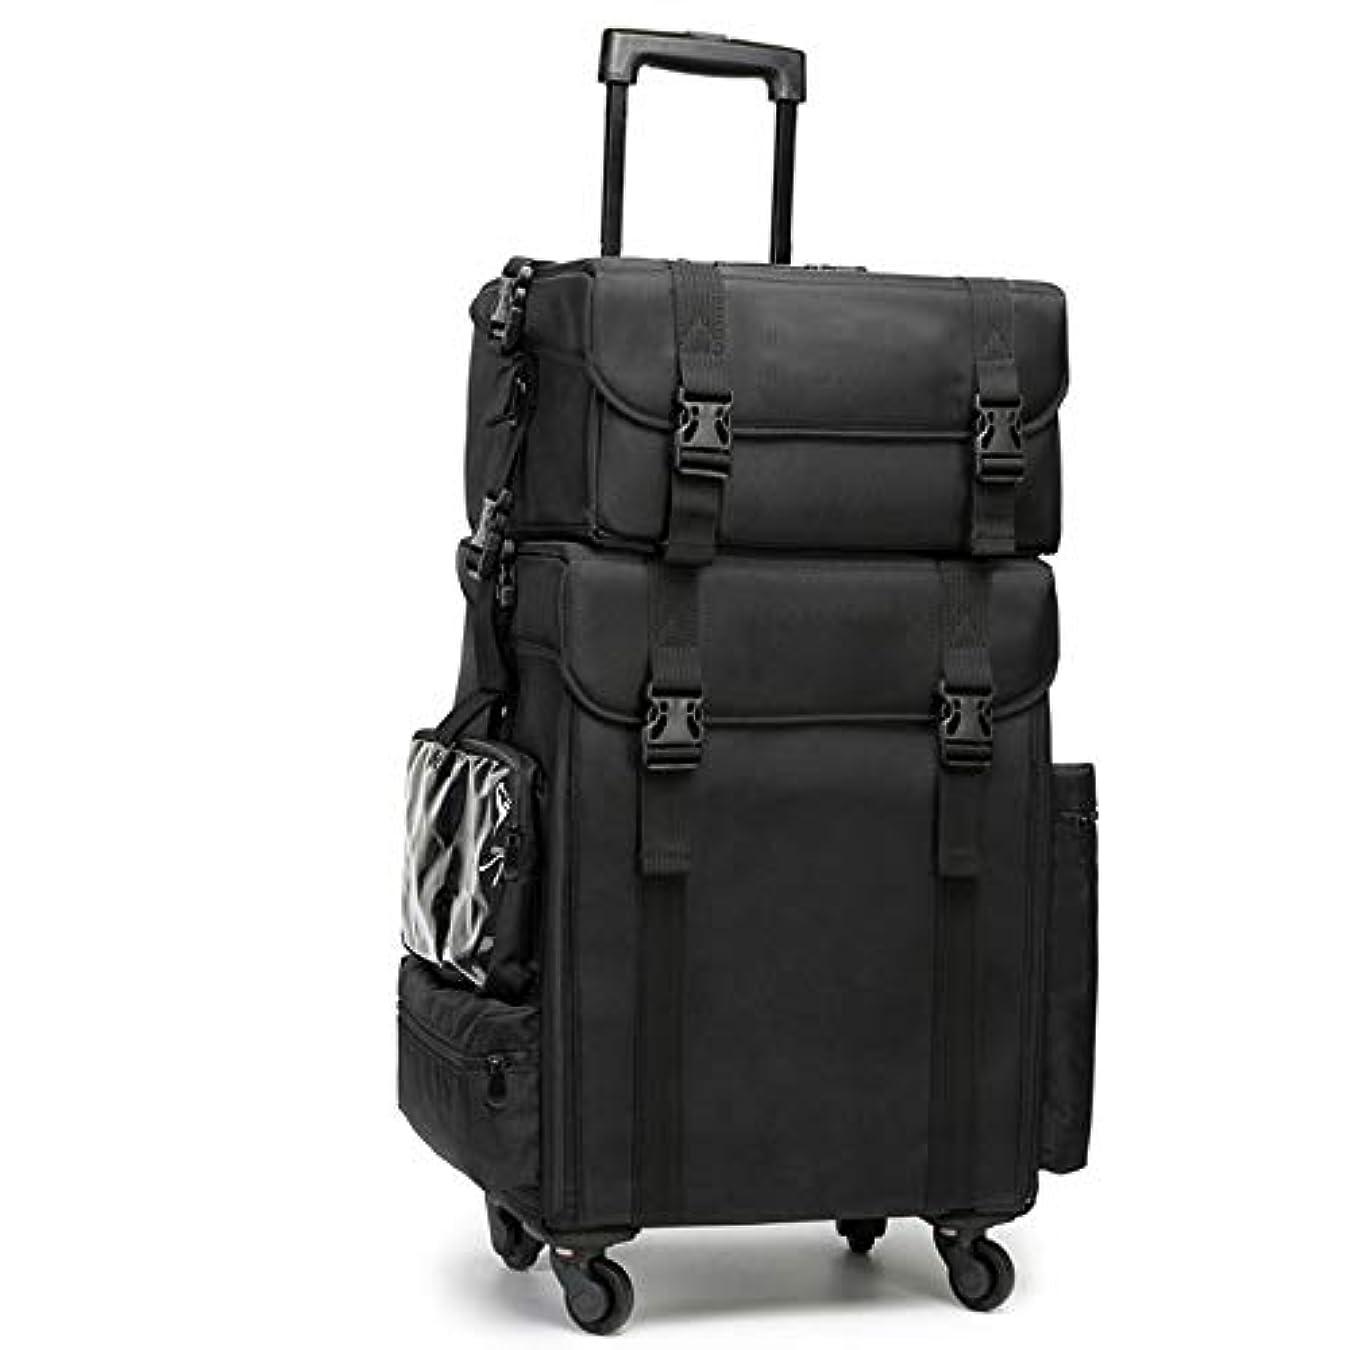 動物心理的信じられないGOGOS メイクボックス 大容量 プロ仕様 コスメボックス スーツケース型 化粧品収納ボックス 美容師 アーティスト バッグ ケース 4輪 キャスター付き 防水 出張 携帯 便利